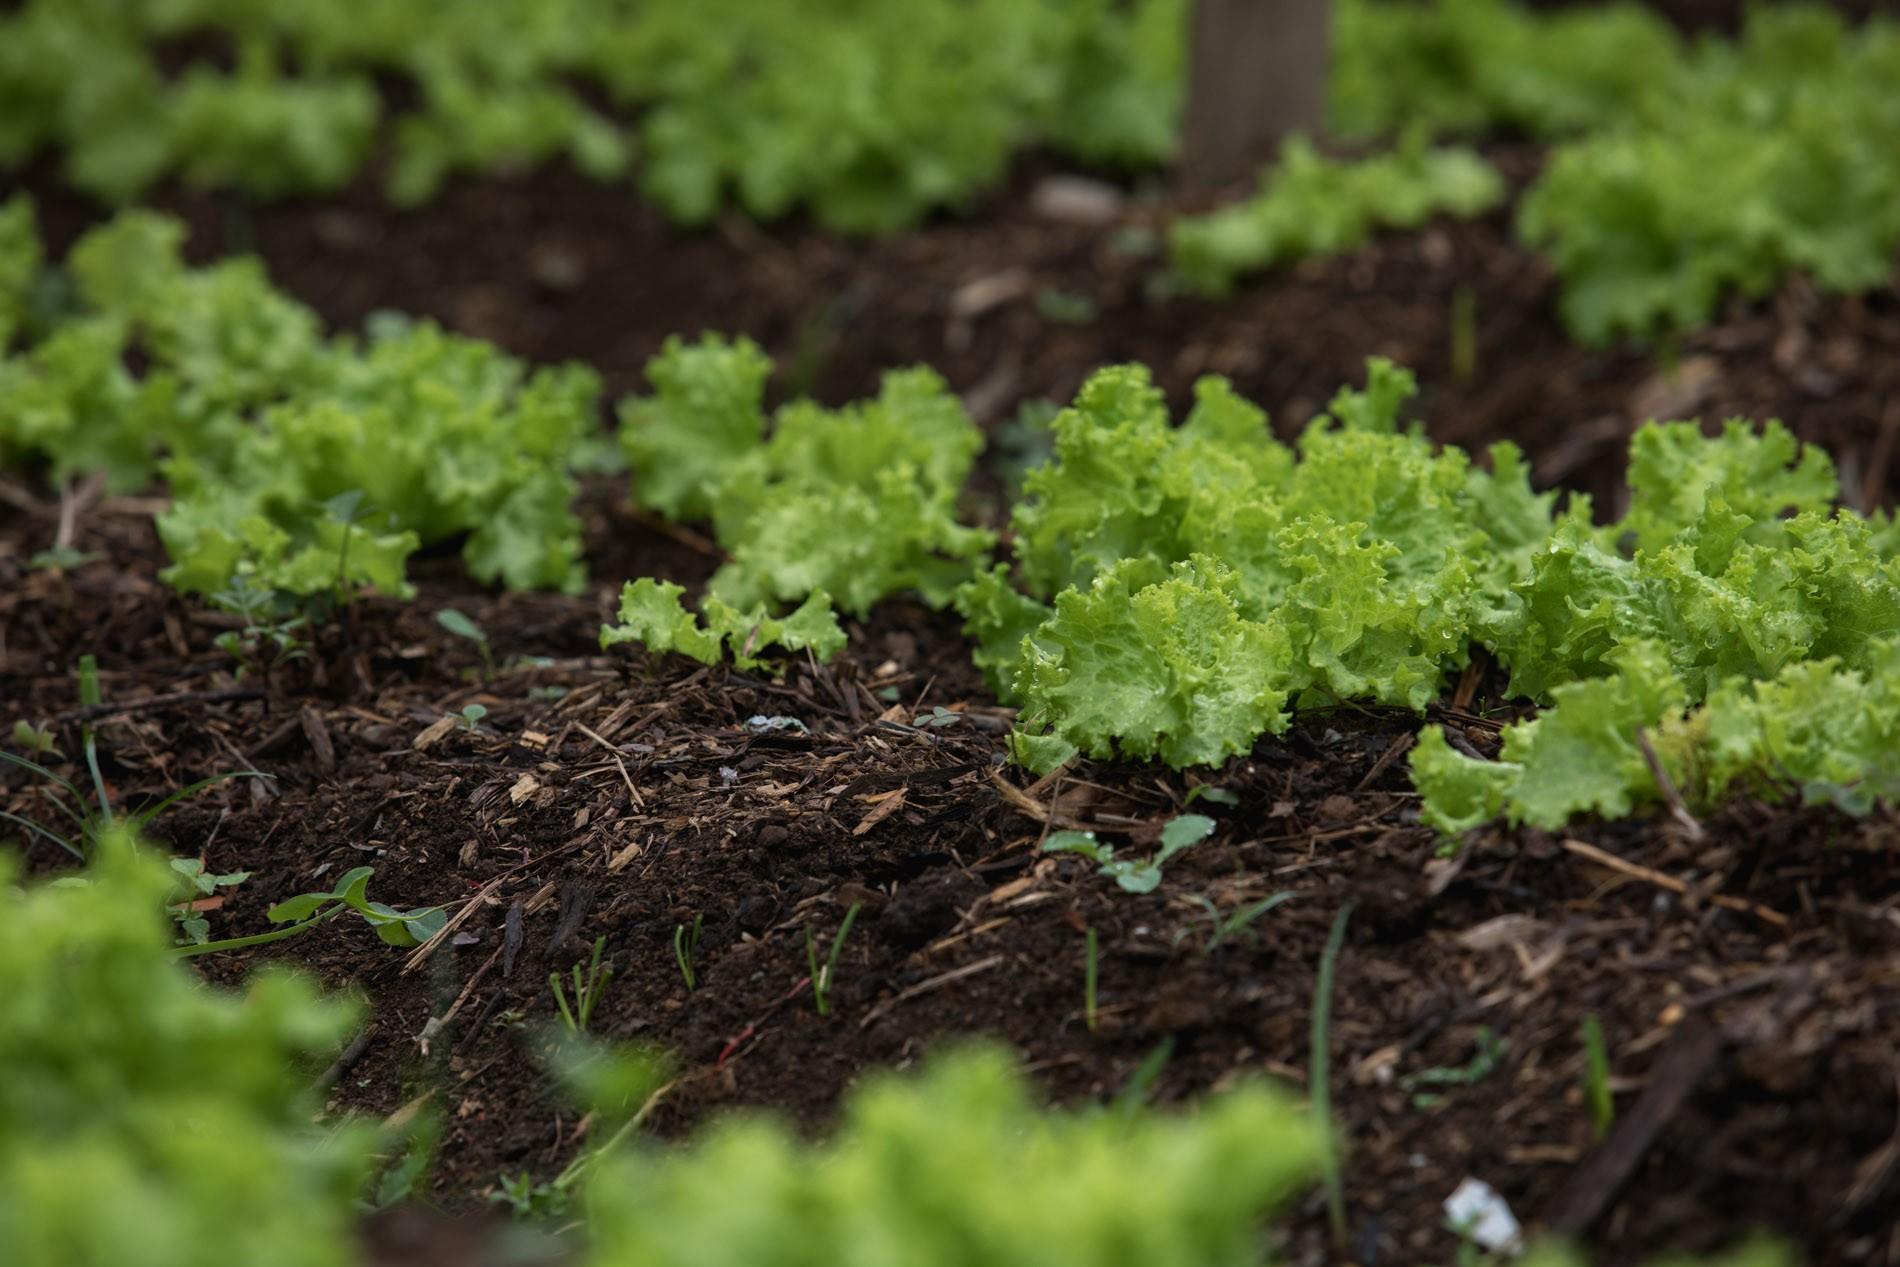 Câmara analisa projeto que libera plantio de culturas agrícolas em áreas urbanas de Piracicaba - Noticias